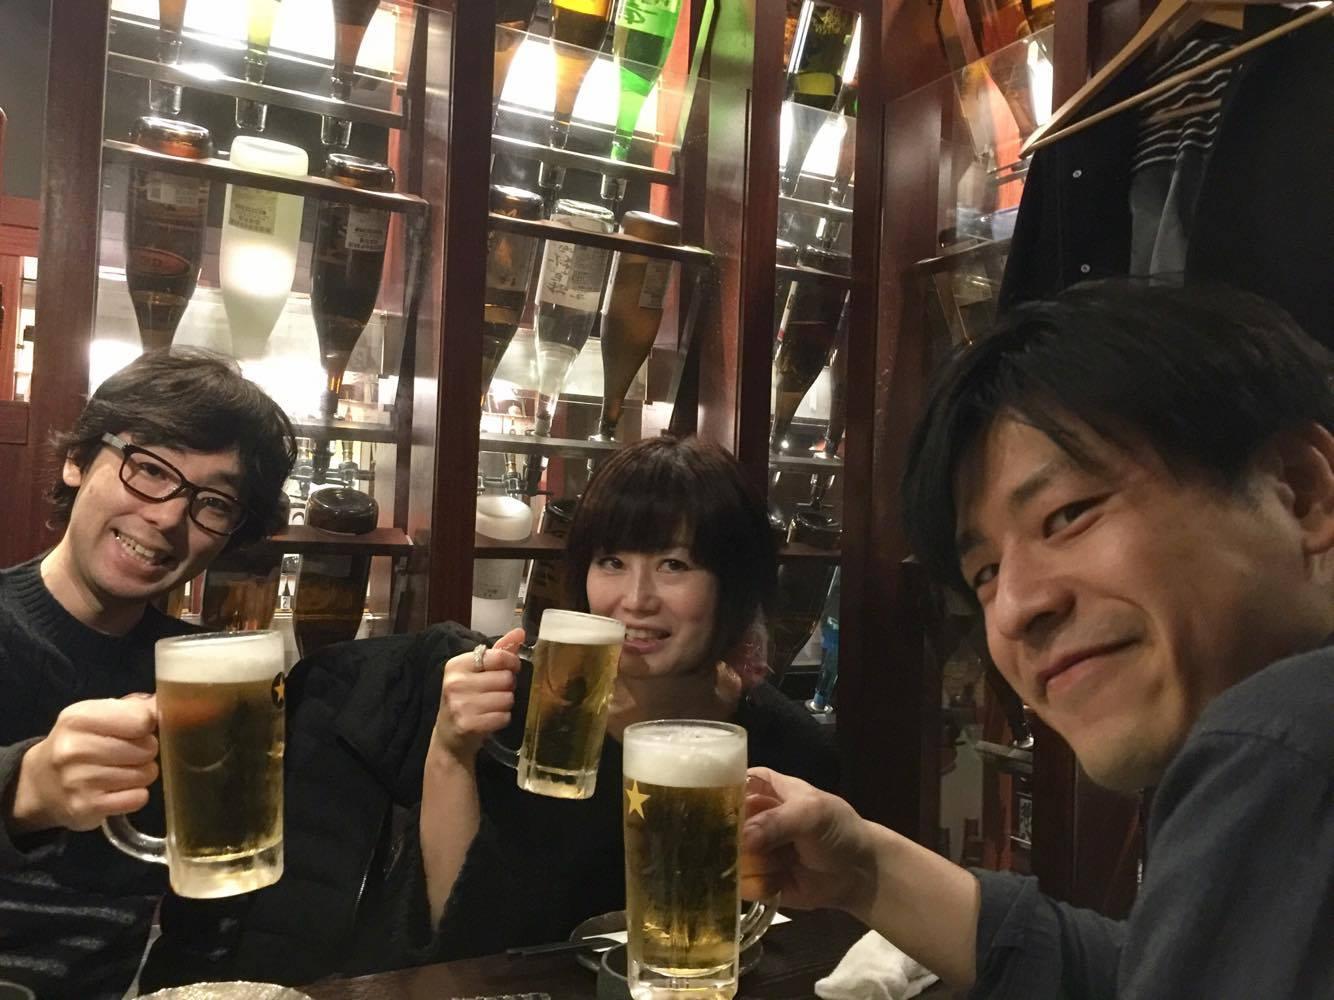 cheers_161227_1%e6%ac%a1%e4%bc%9a